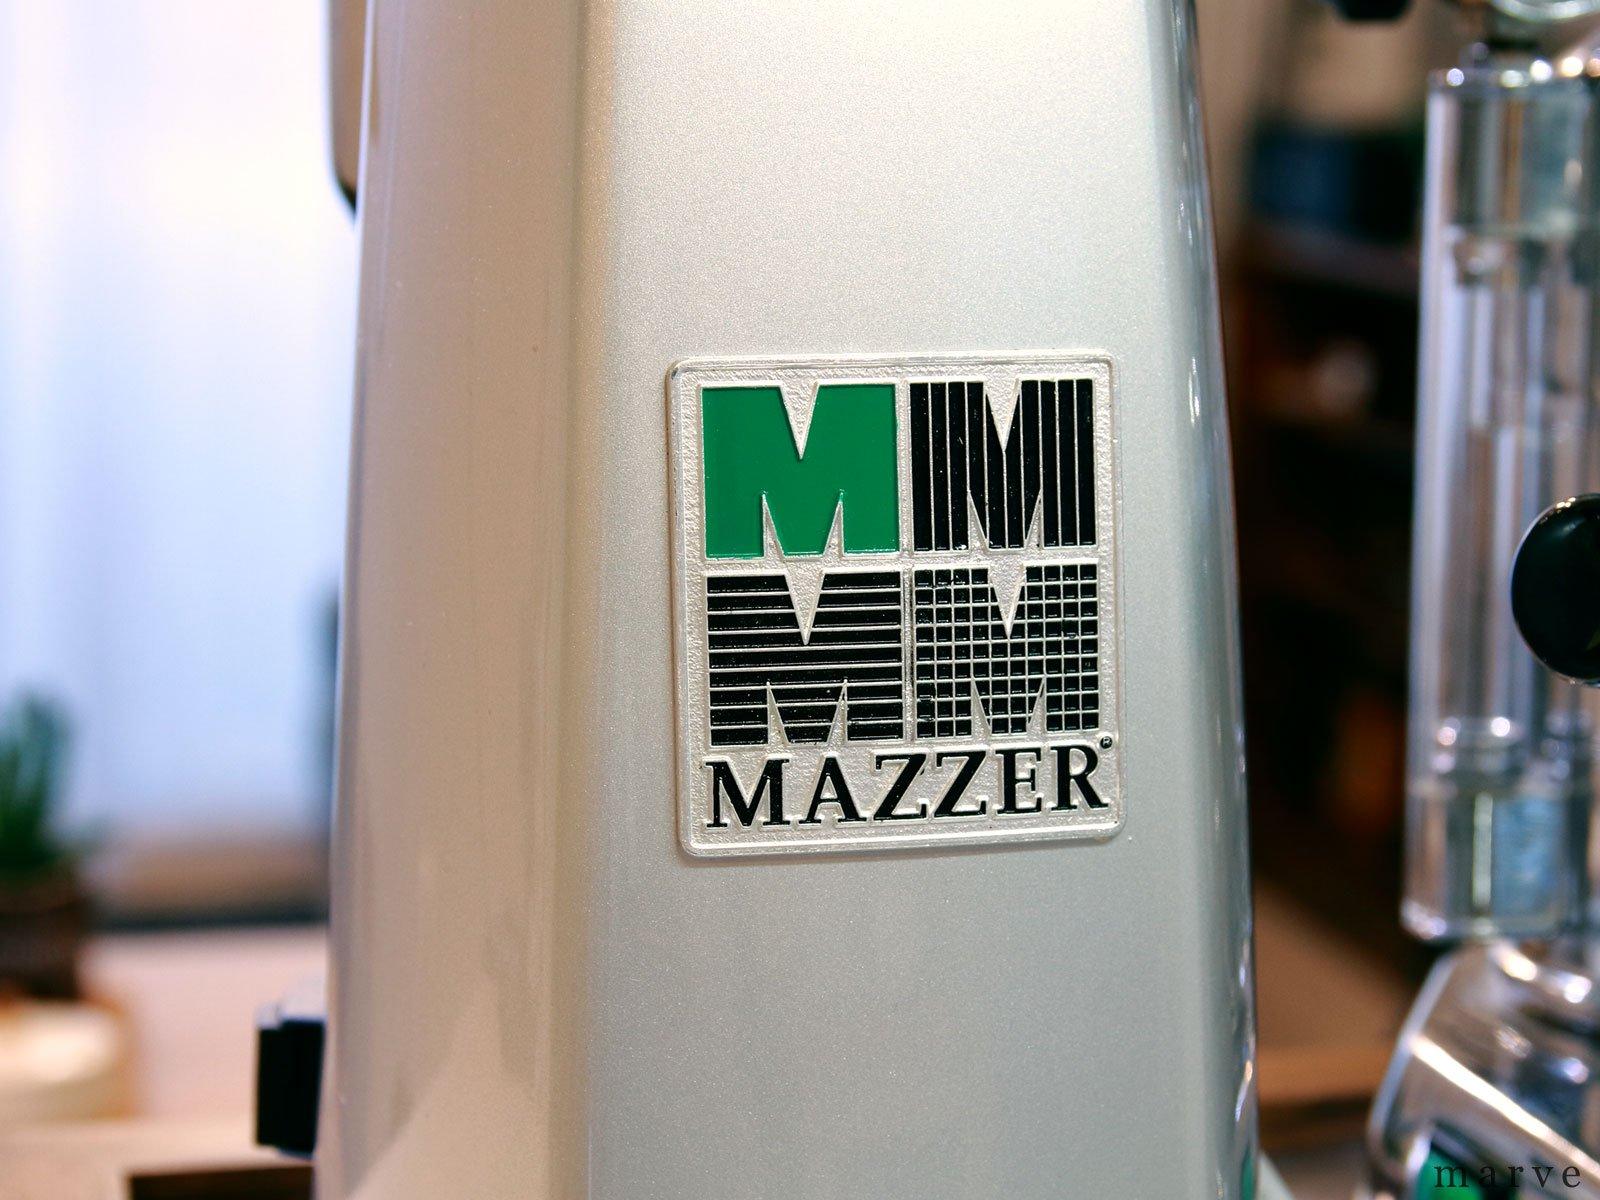 MAZZER(マッツァ)グラインダー MINI - ELECTRONIC(A) アルミノ